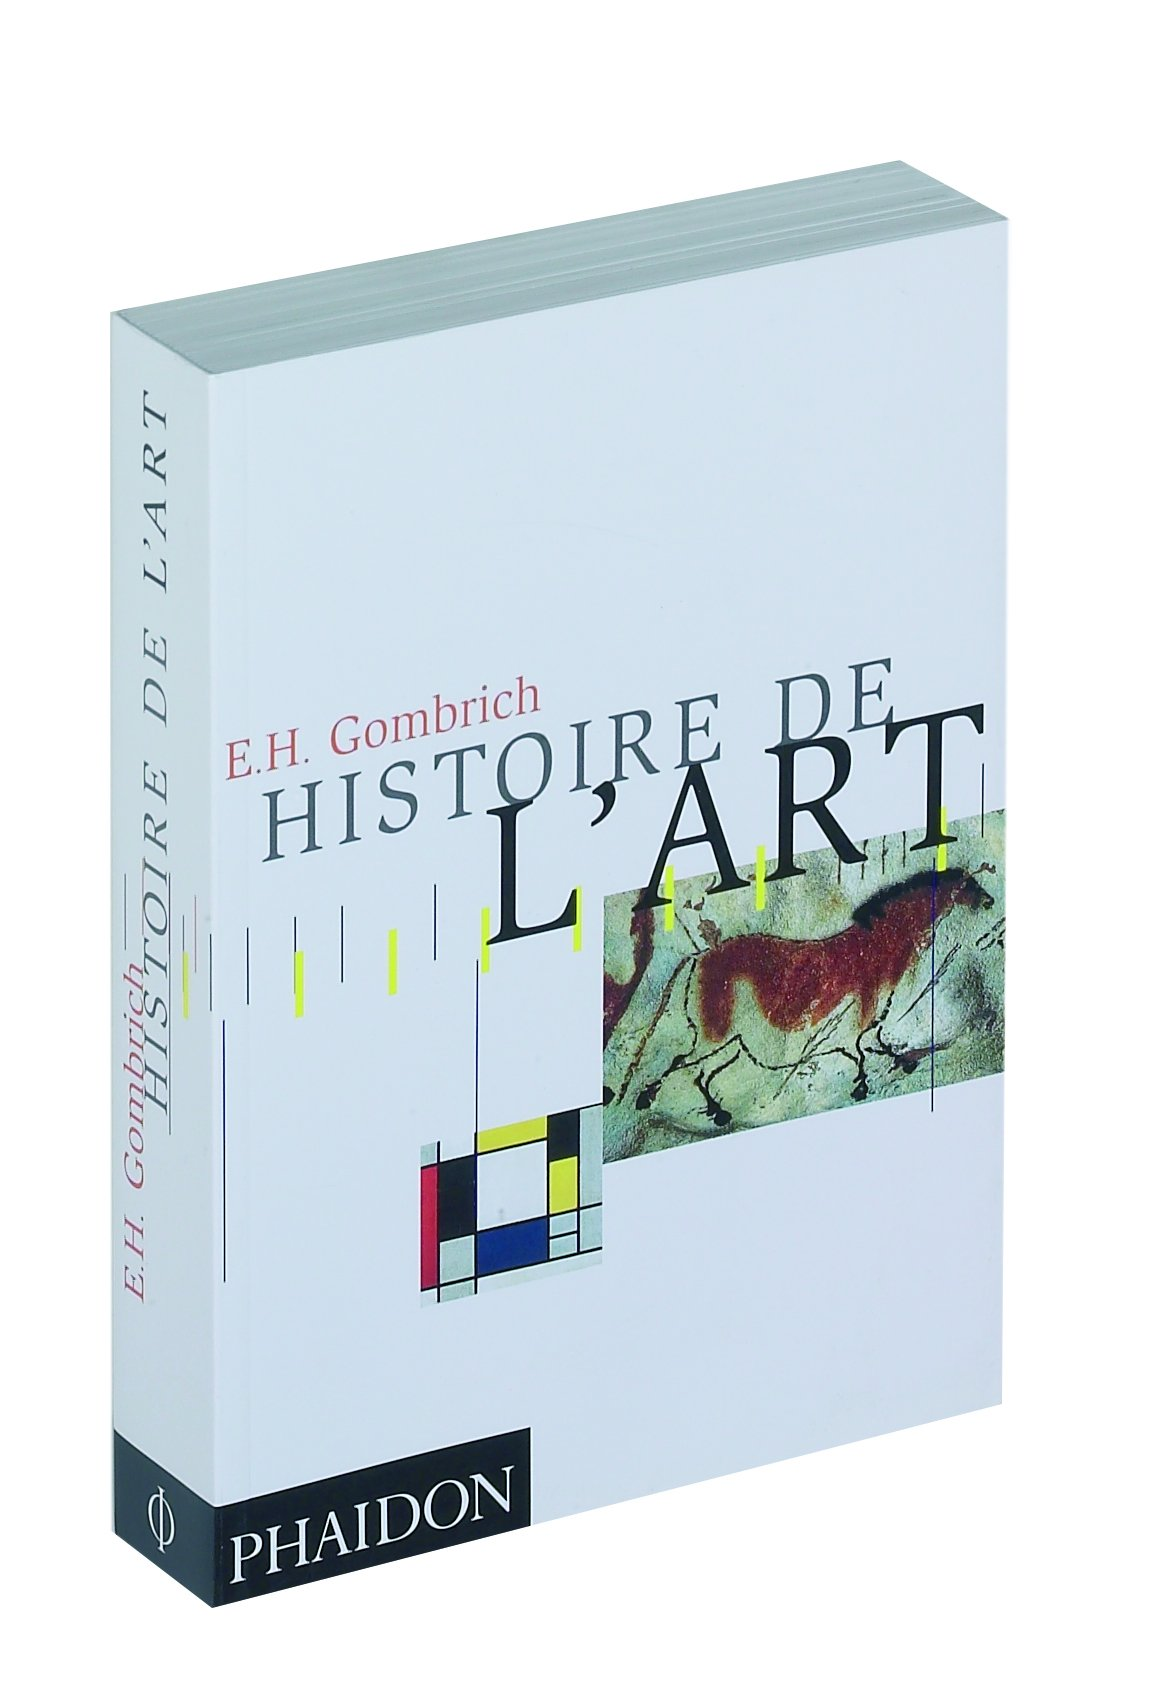 Histoire De L Art Ernst Gombrich 9780714892078 Amazon Com